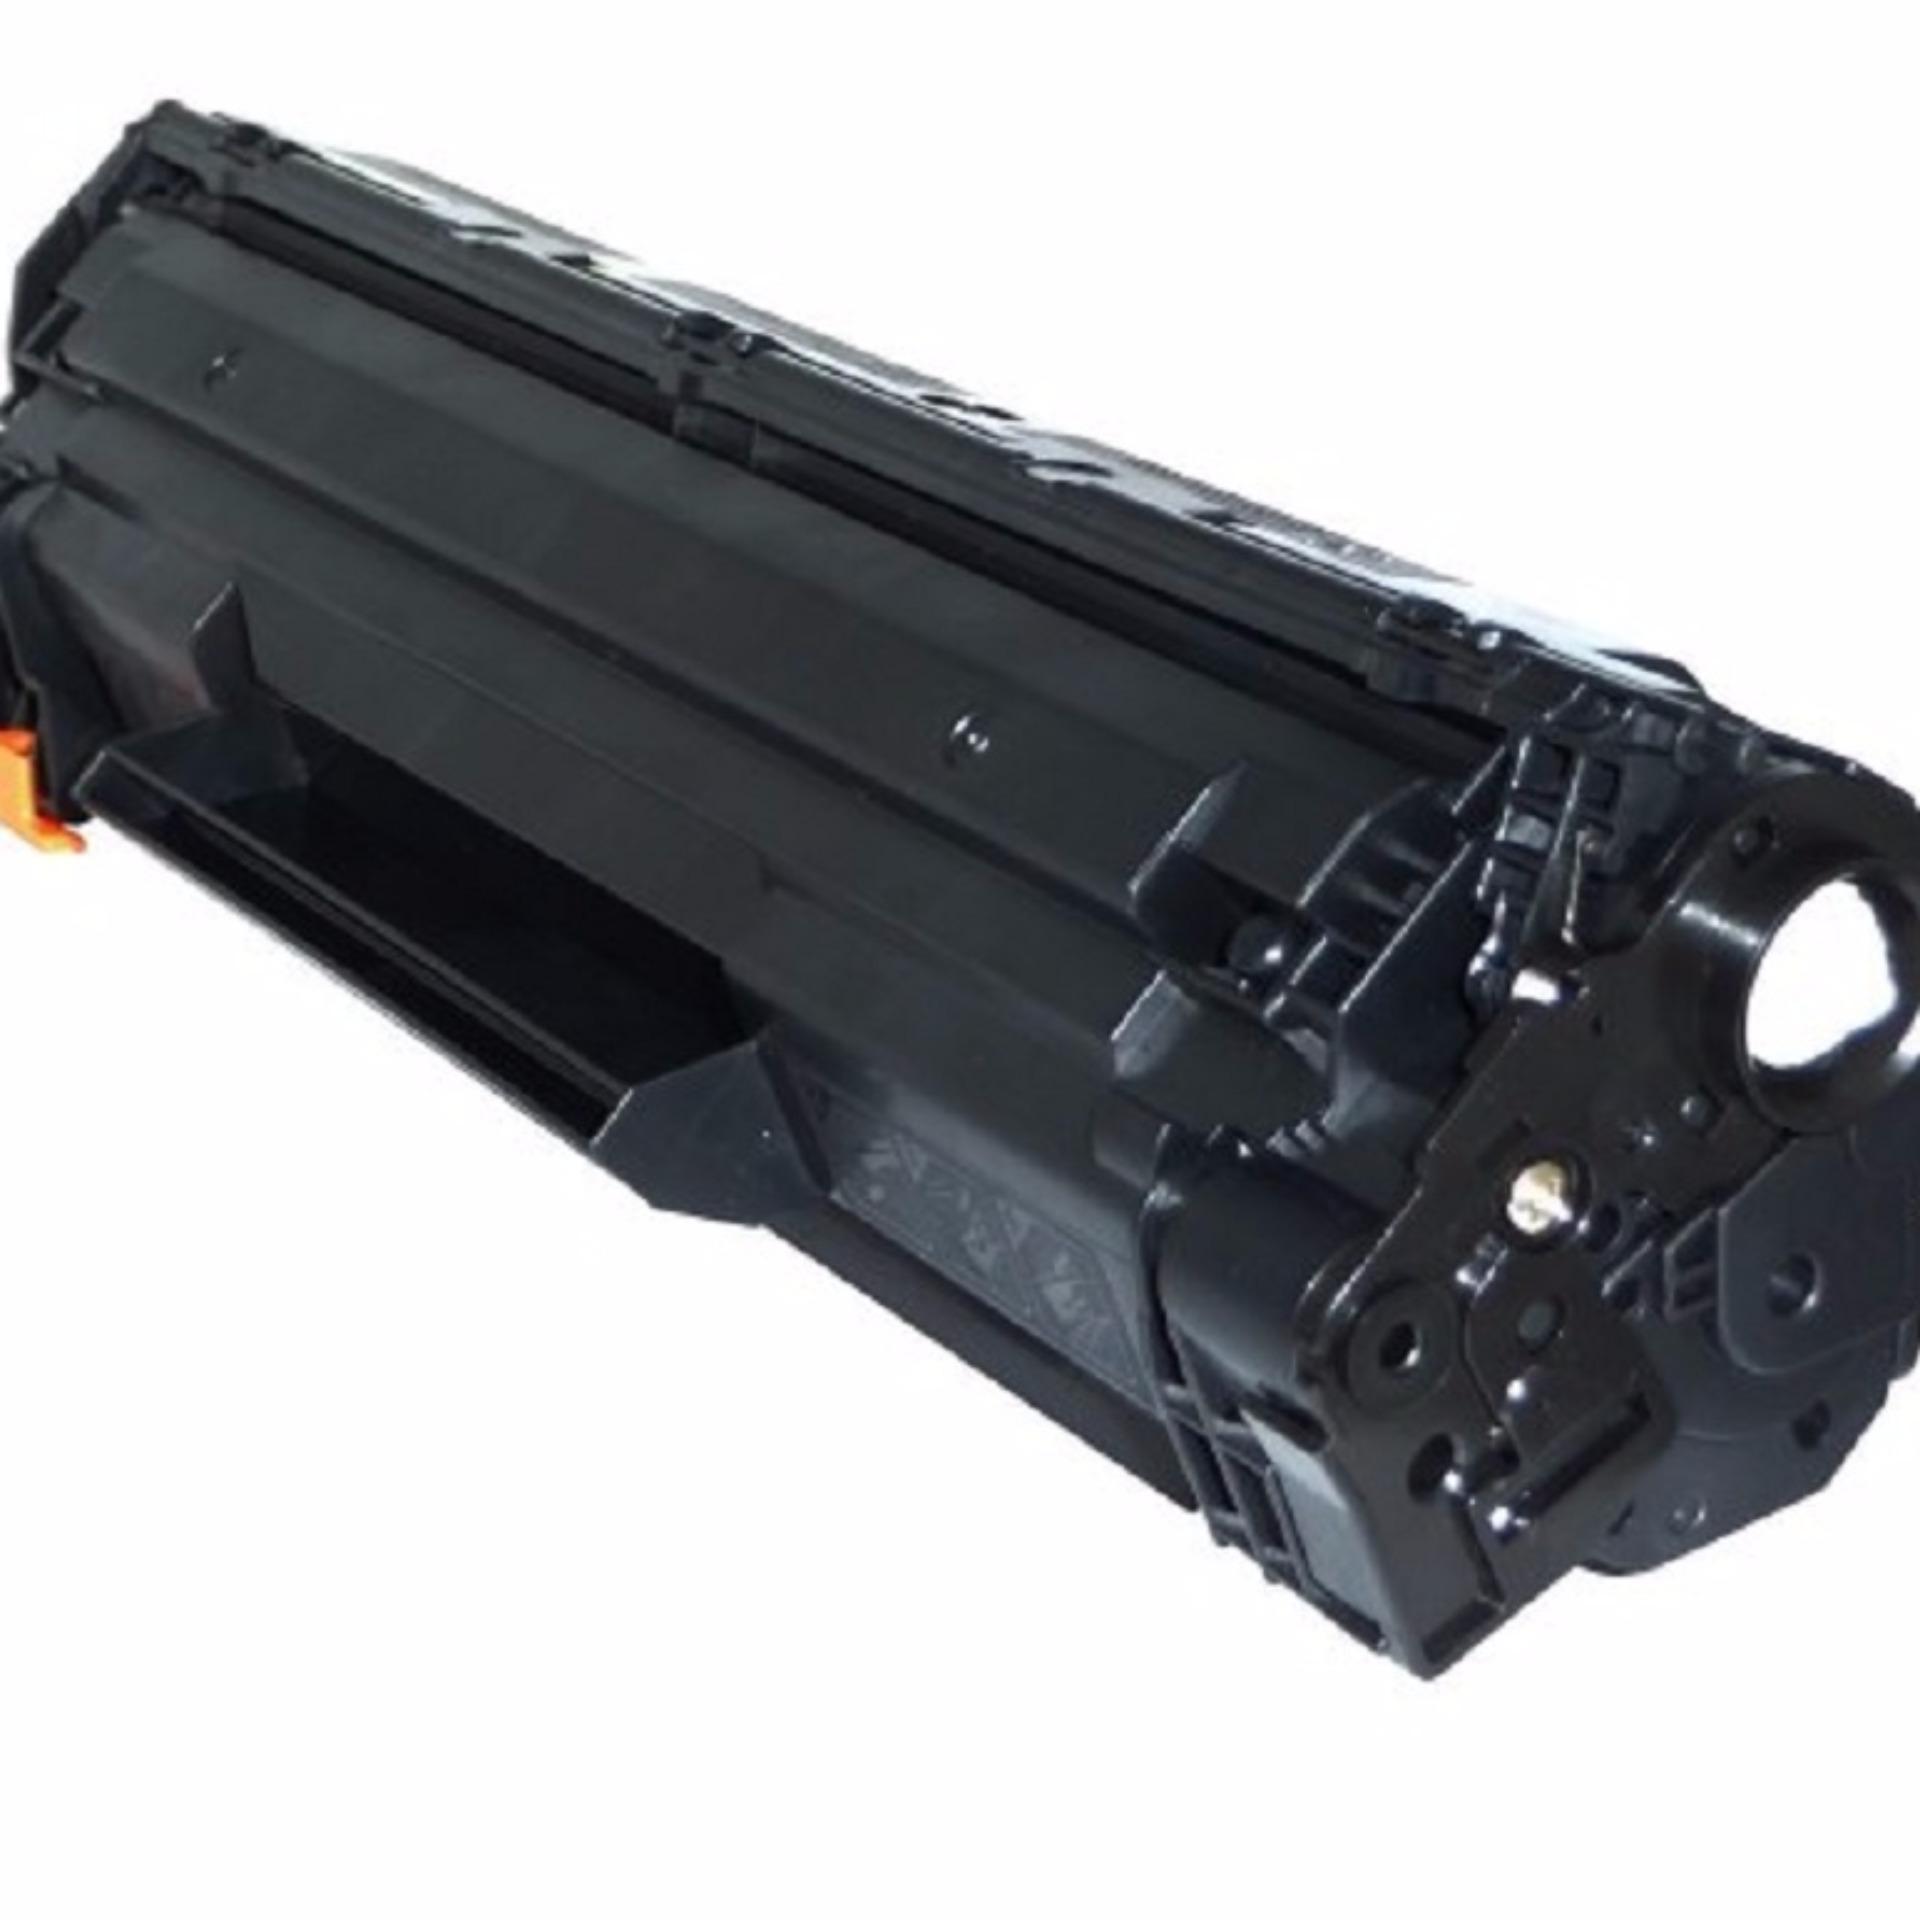 Bảng Giá Hộp mực sử dụng cho máy in Canon 2900(12A) Tại TIN HOC INKVIET